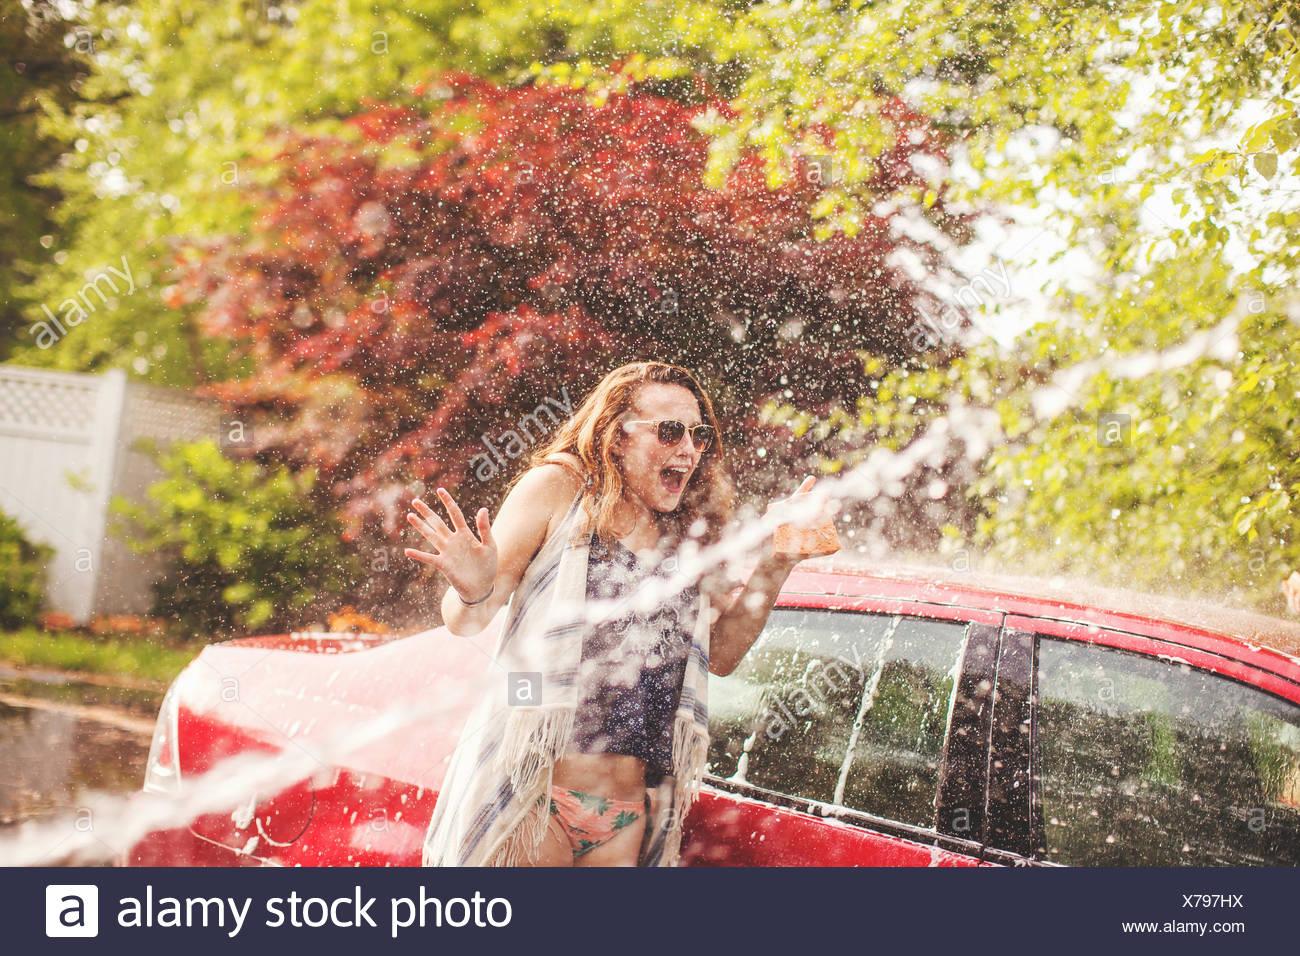 Mujer joven ser rociado con agua Imagen De Stock